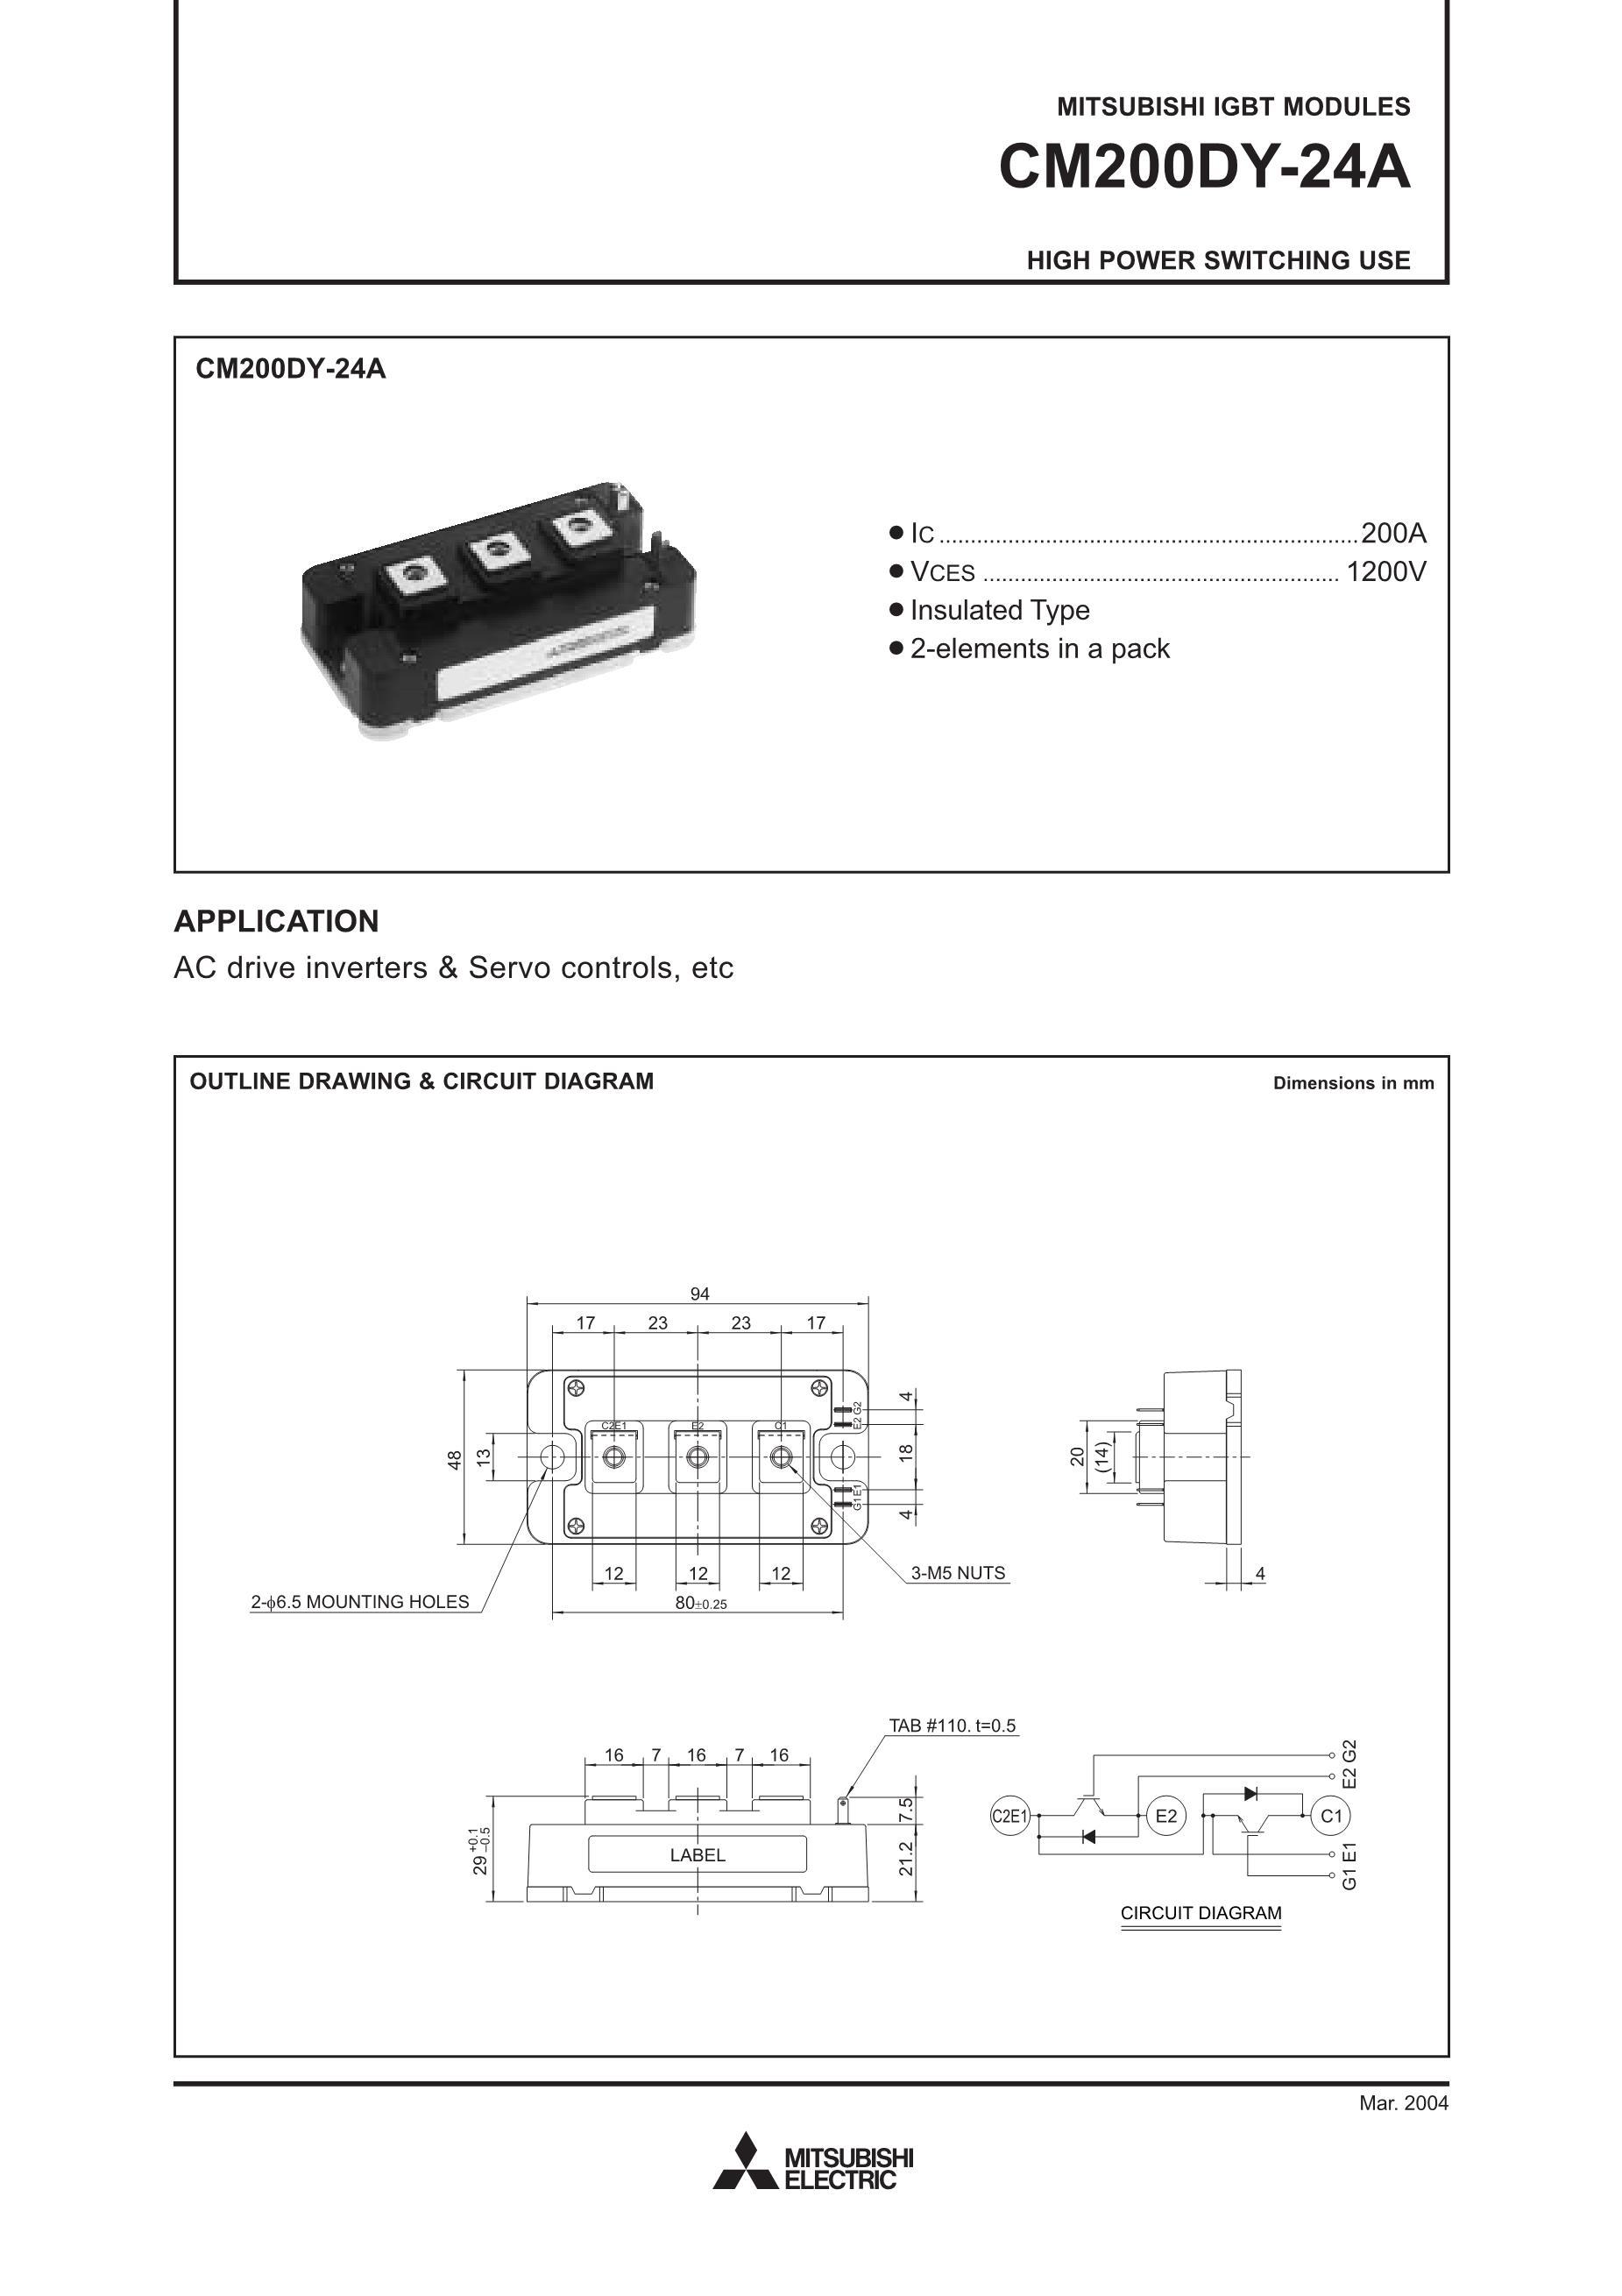 CM200DY-24A MITSUBISHI's pdf picture 1